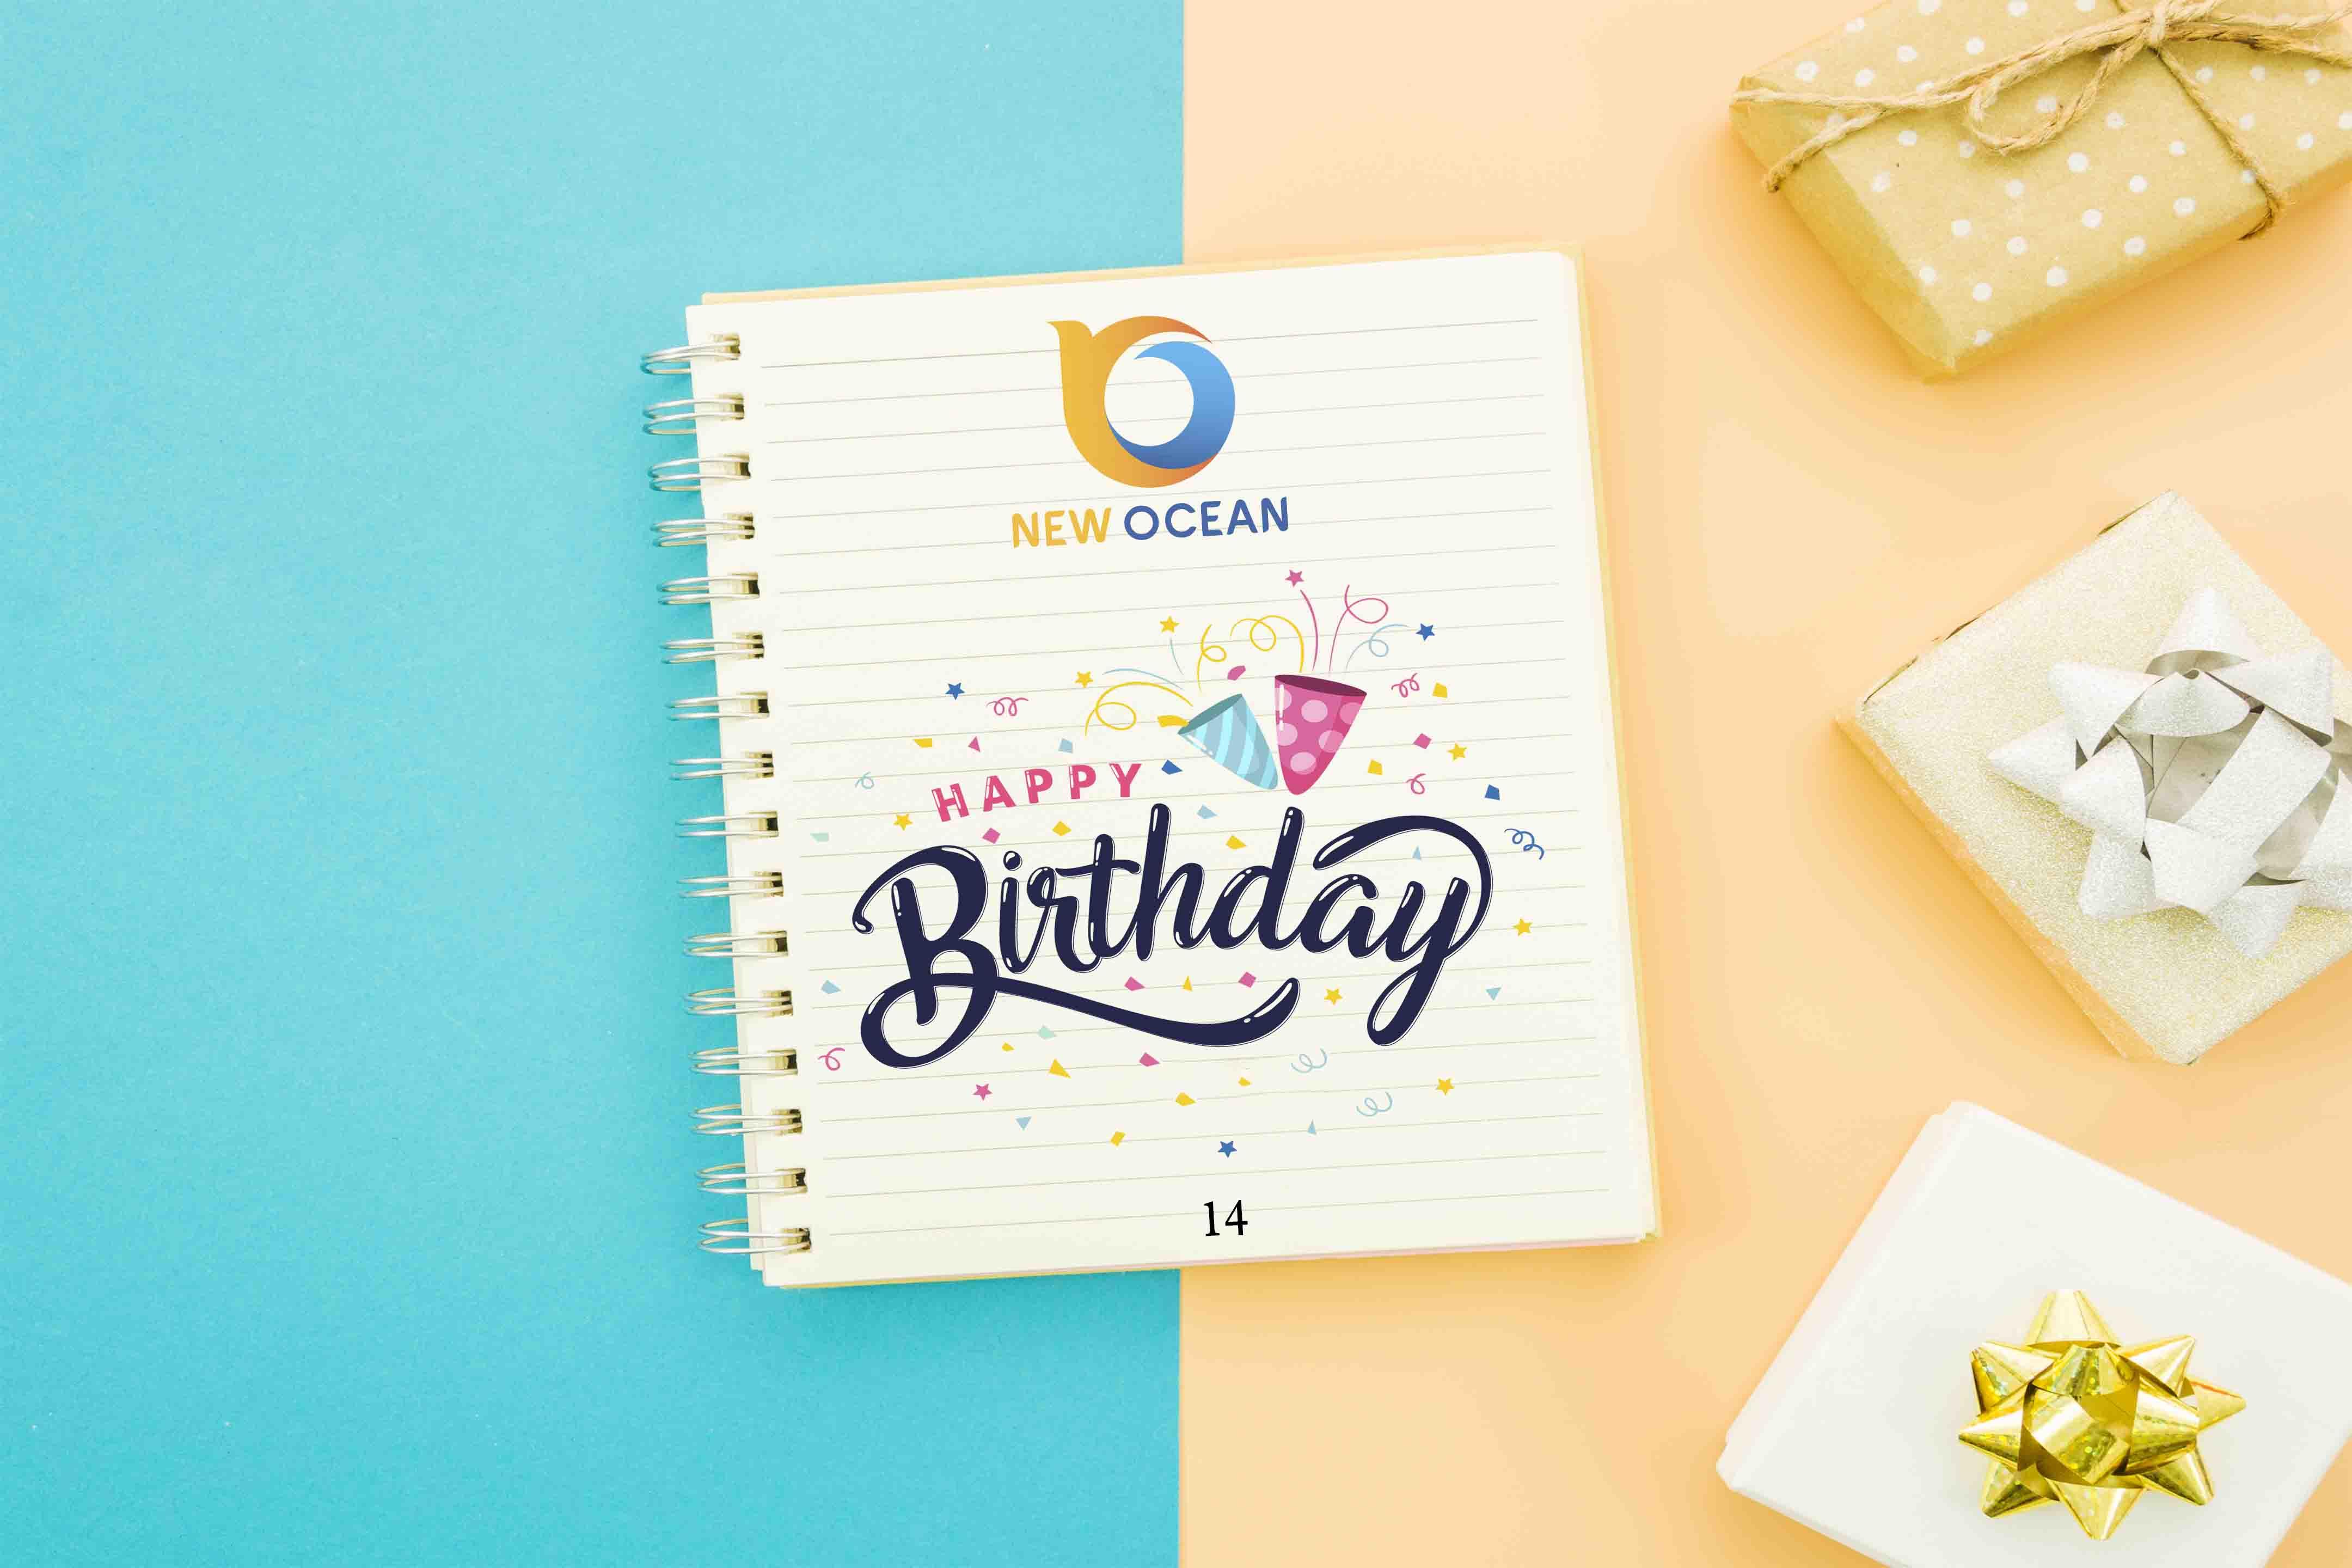 Chúc mừng New Ocean bước sang năm thứ 14